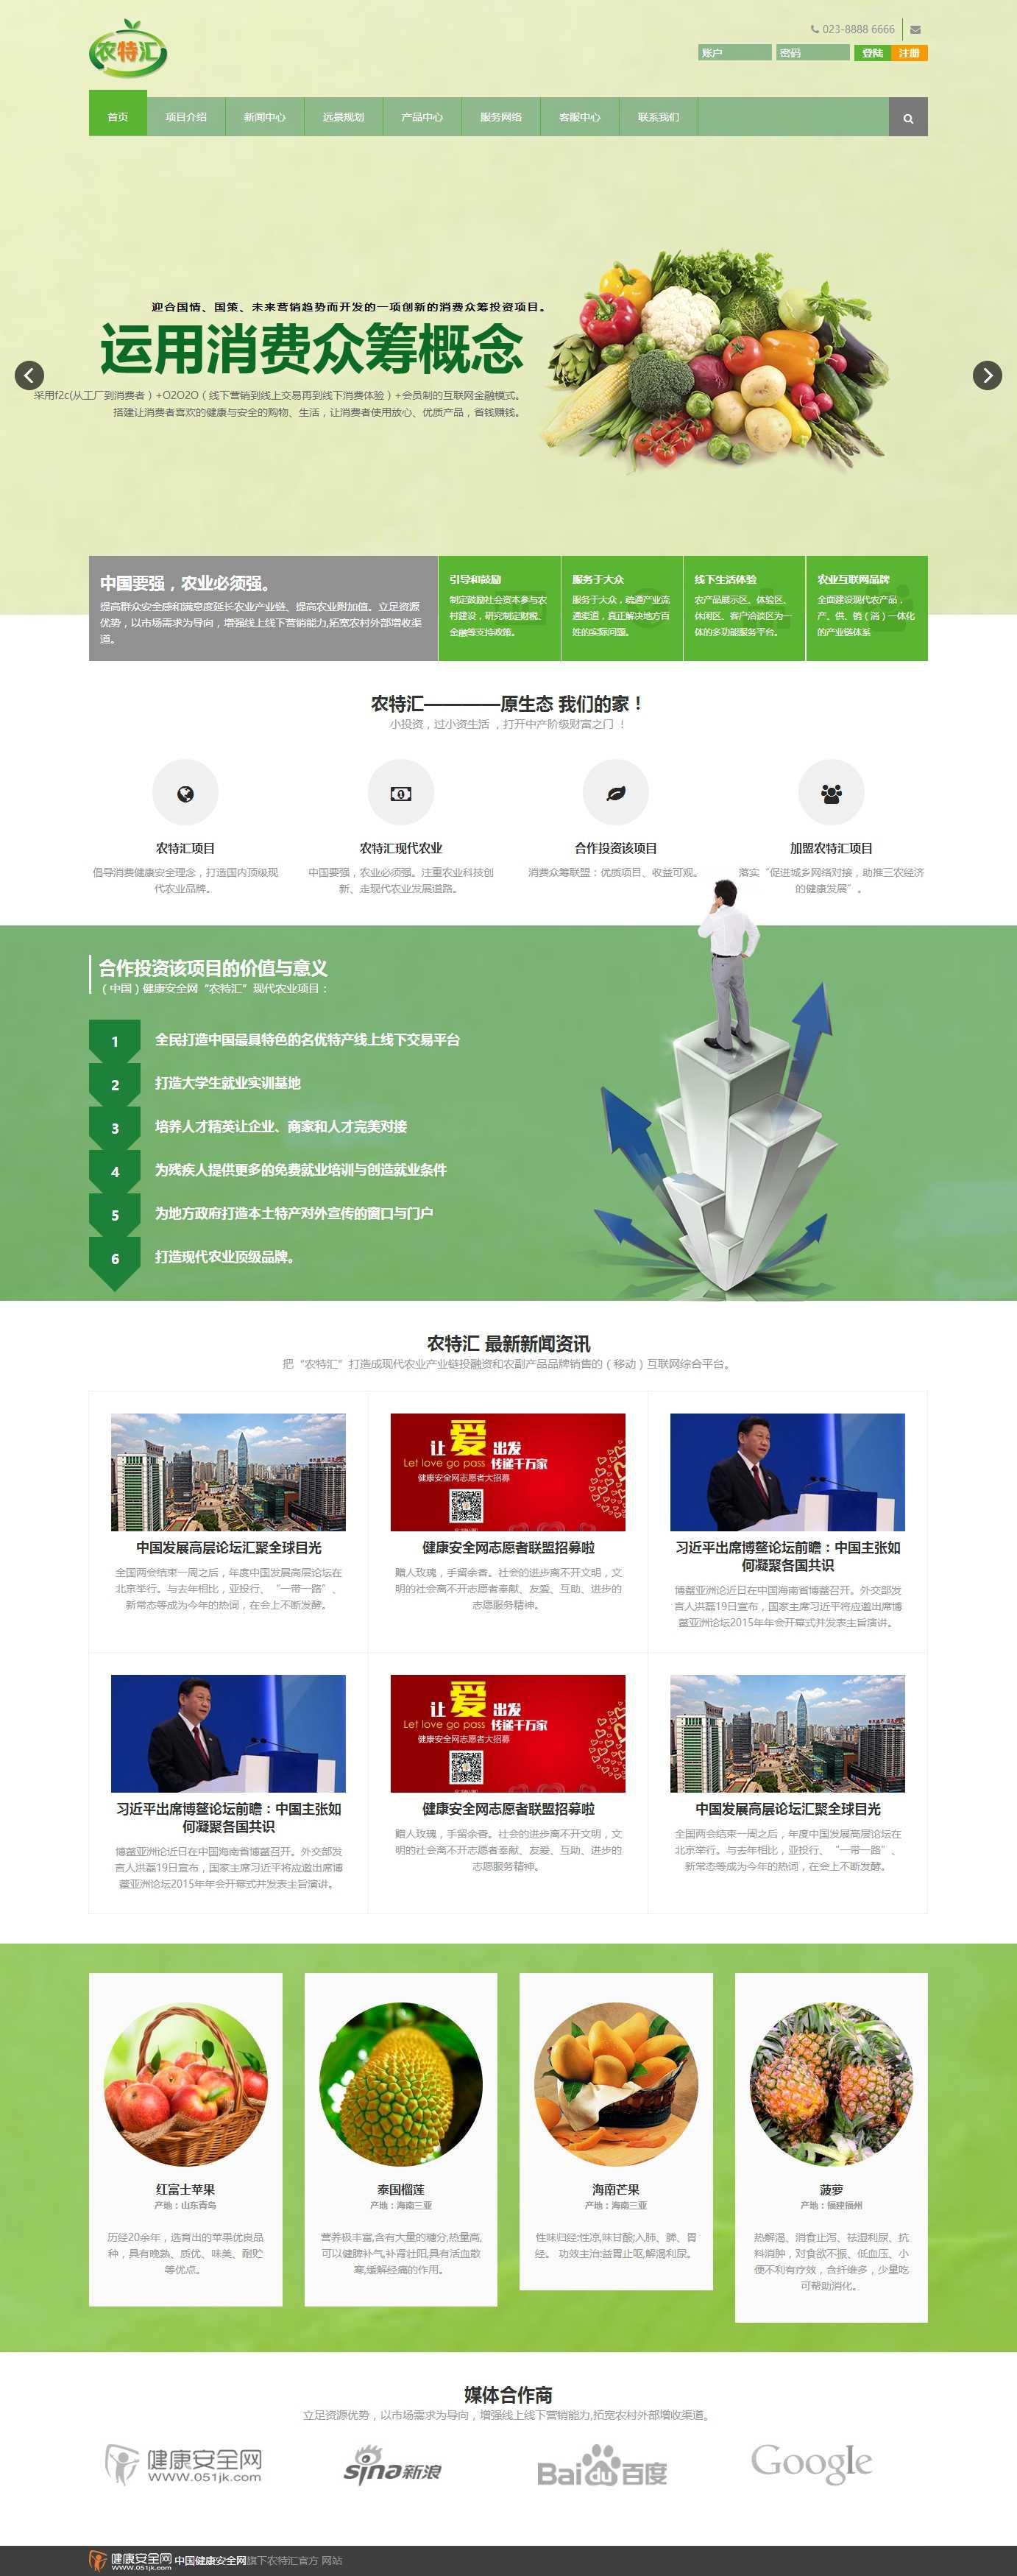 绿色的html5响应式布局动画农业网站模板下载